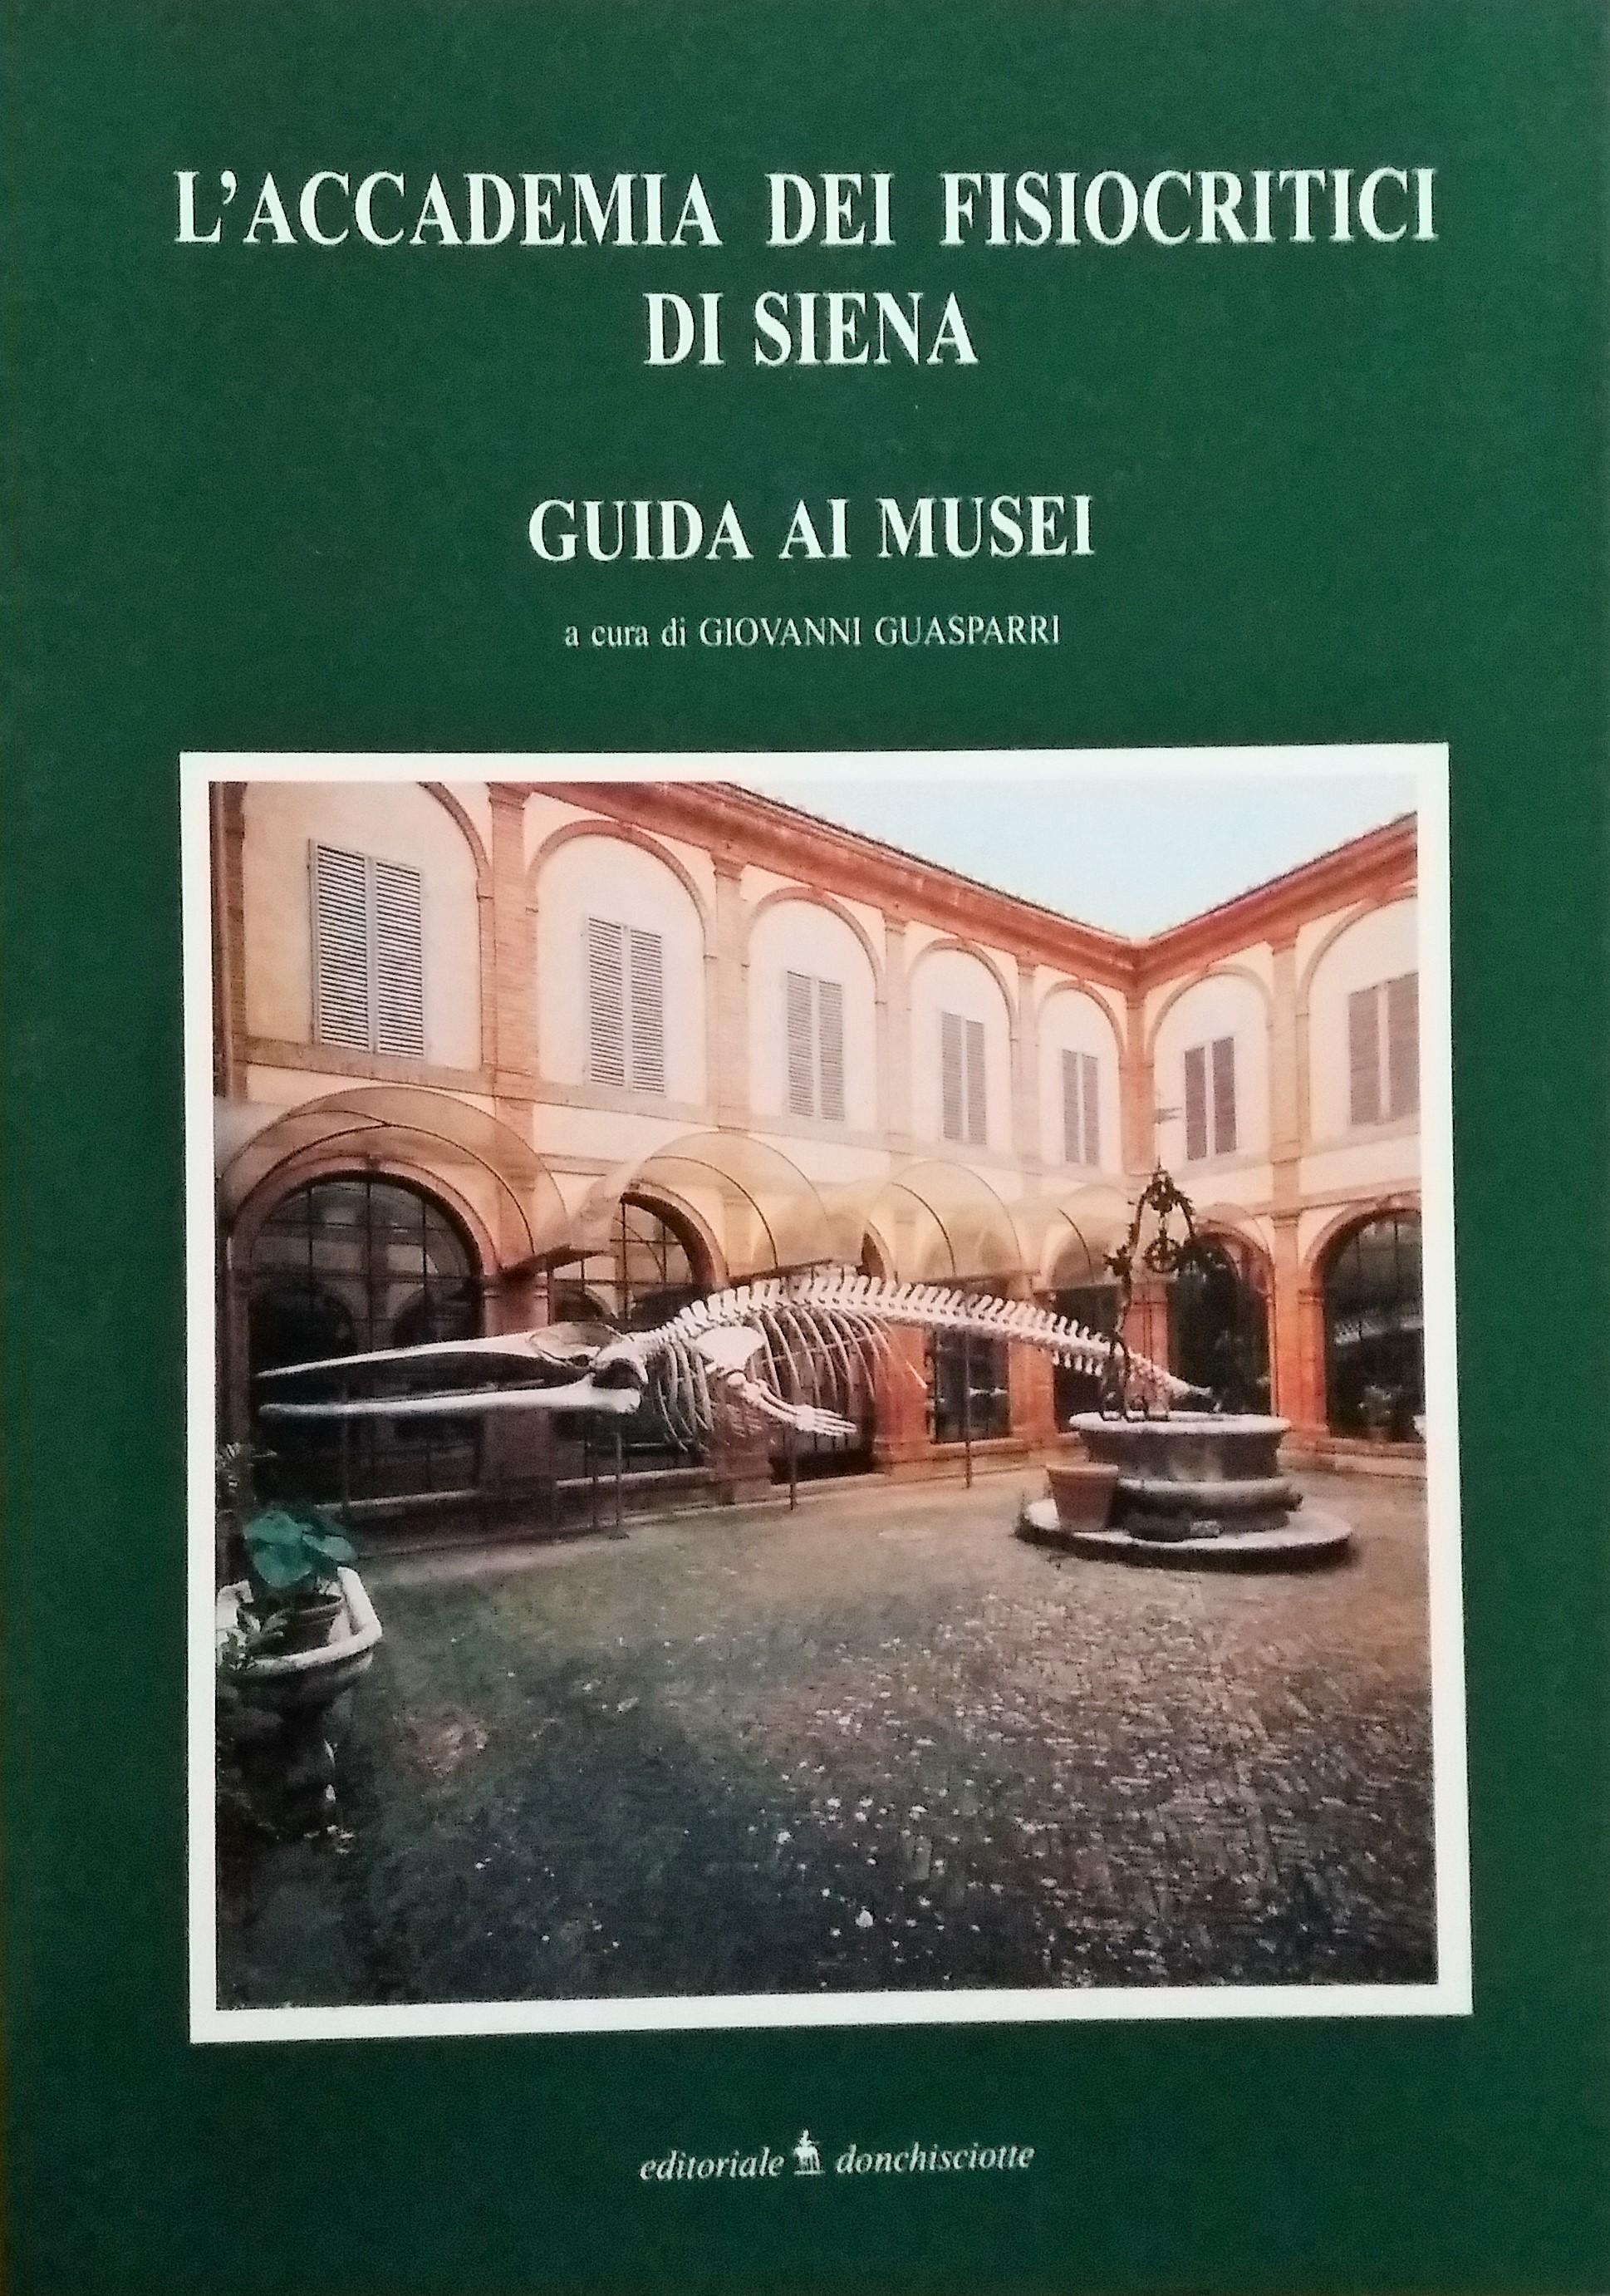 L'Accademia dei Fisiocritici di Siena